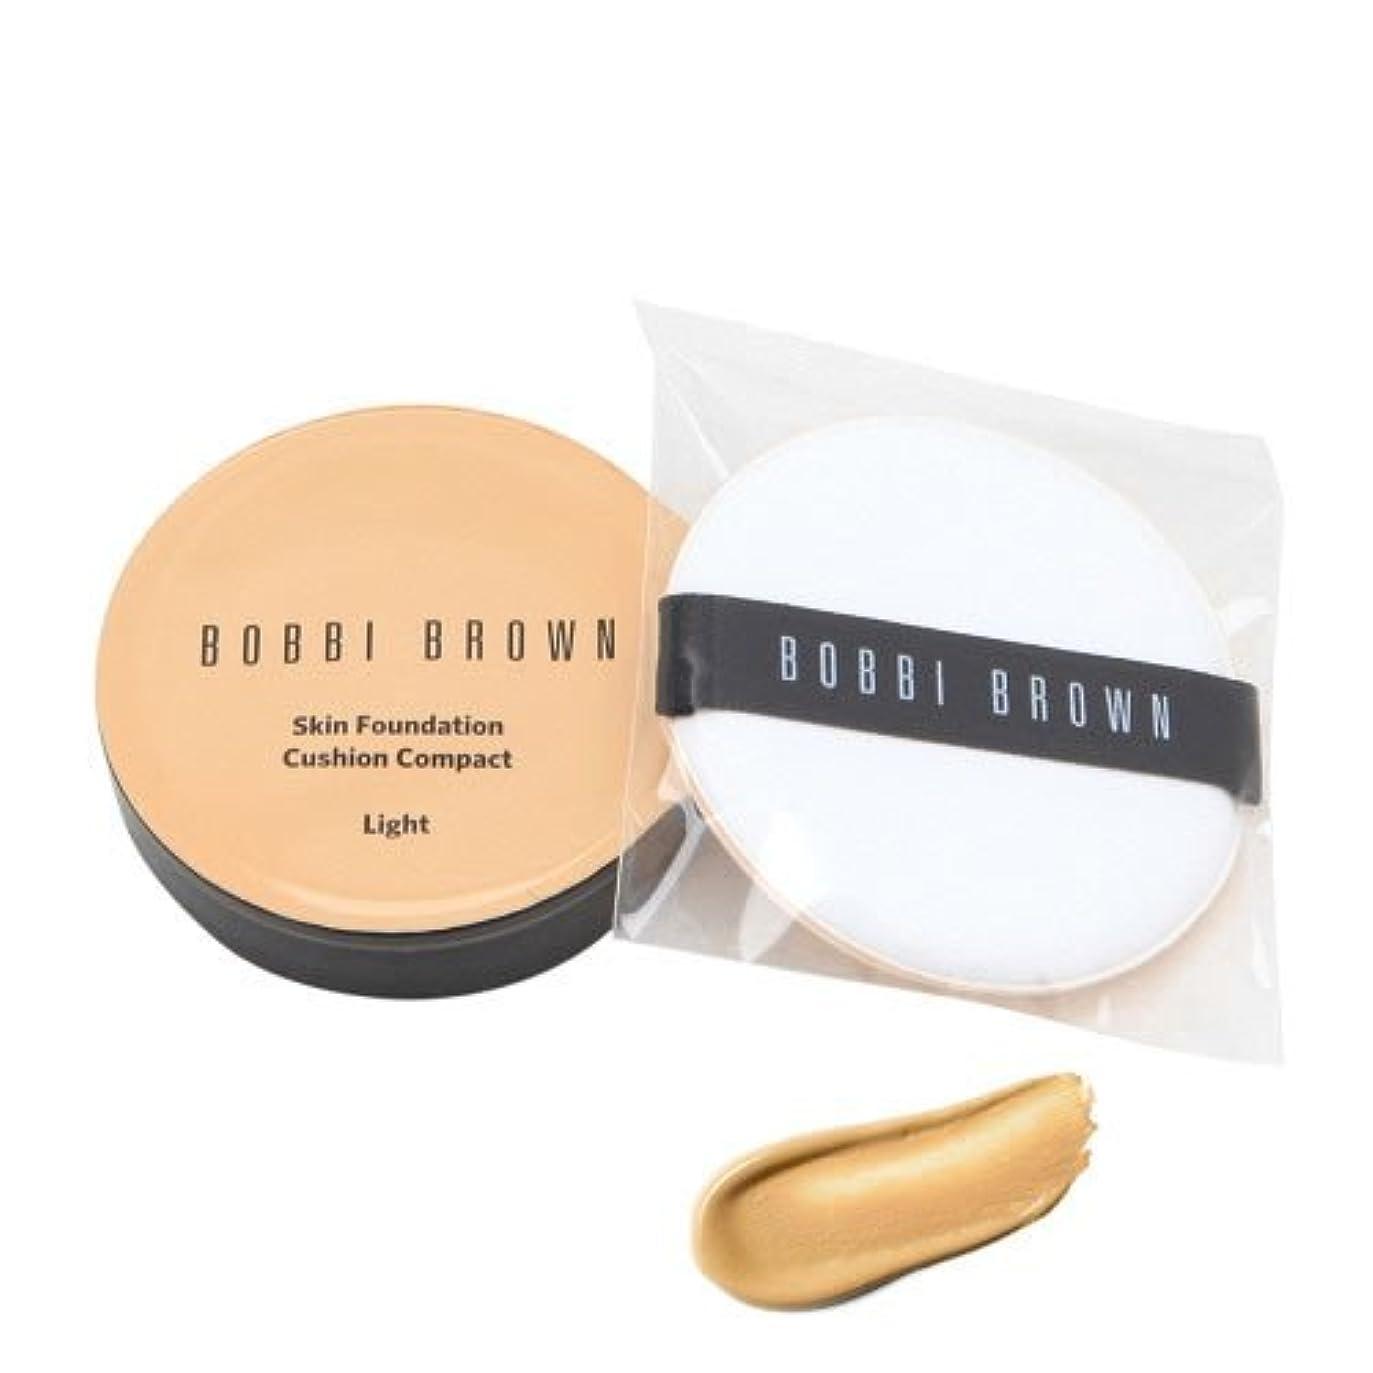 遊具タヒチ成長するボビーブラウン BOBBI BROWN スキン ファンデーション クッション コンパクト SPF 50(PA+++) #03 LIGHT [並行輸入品]